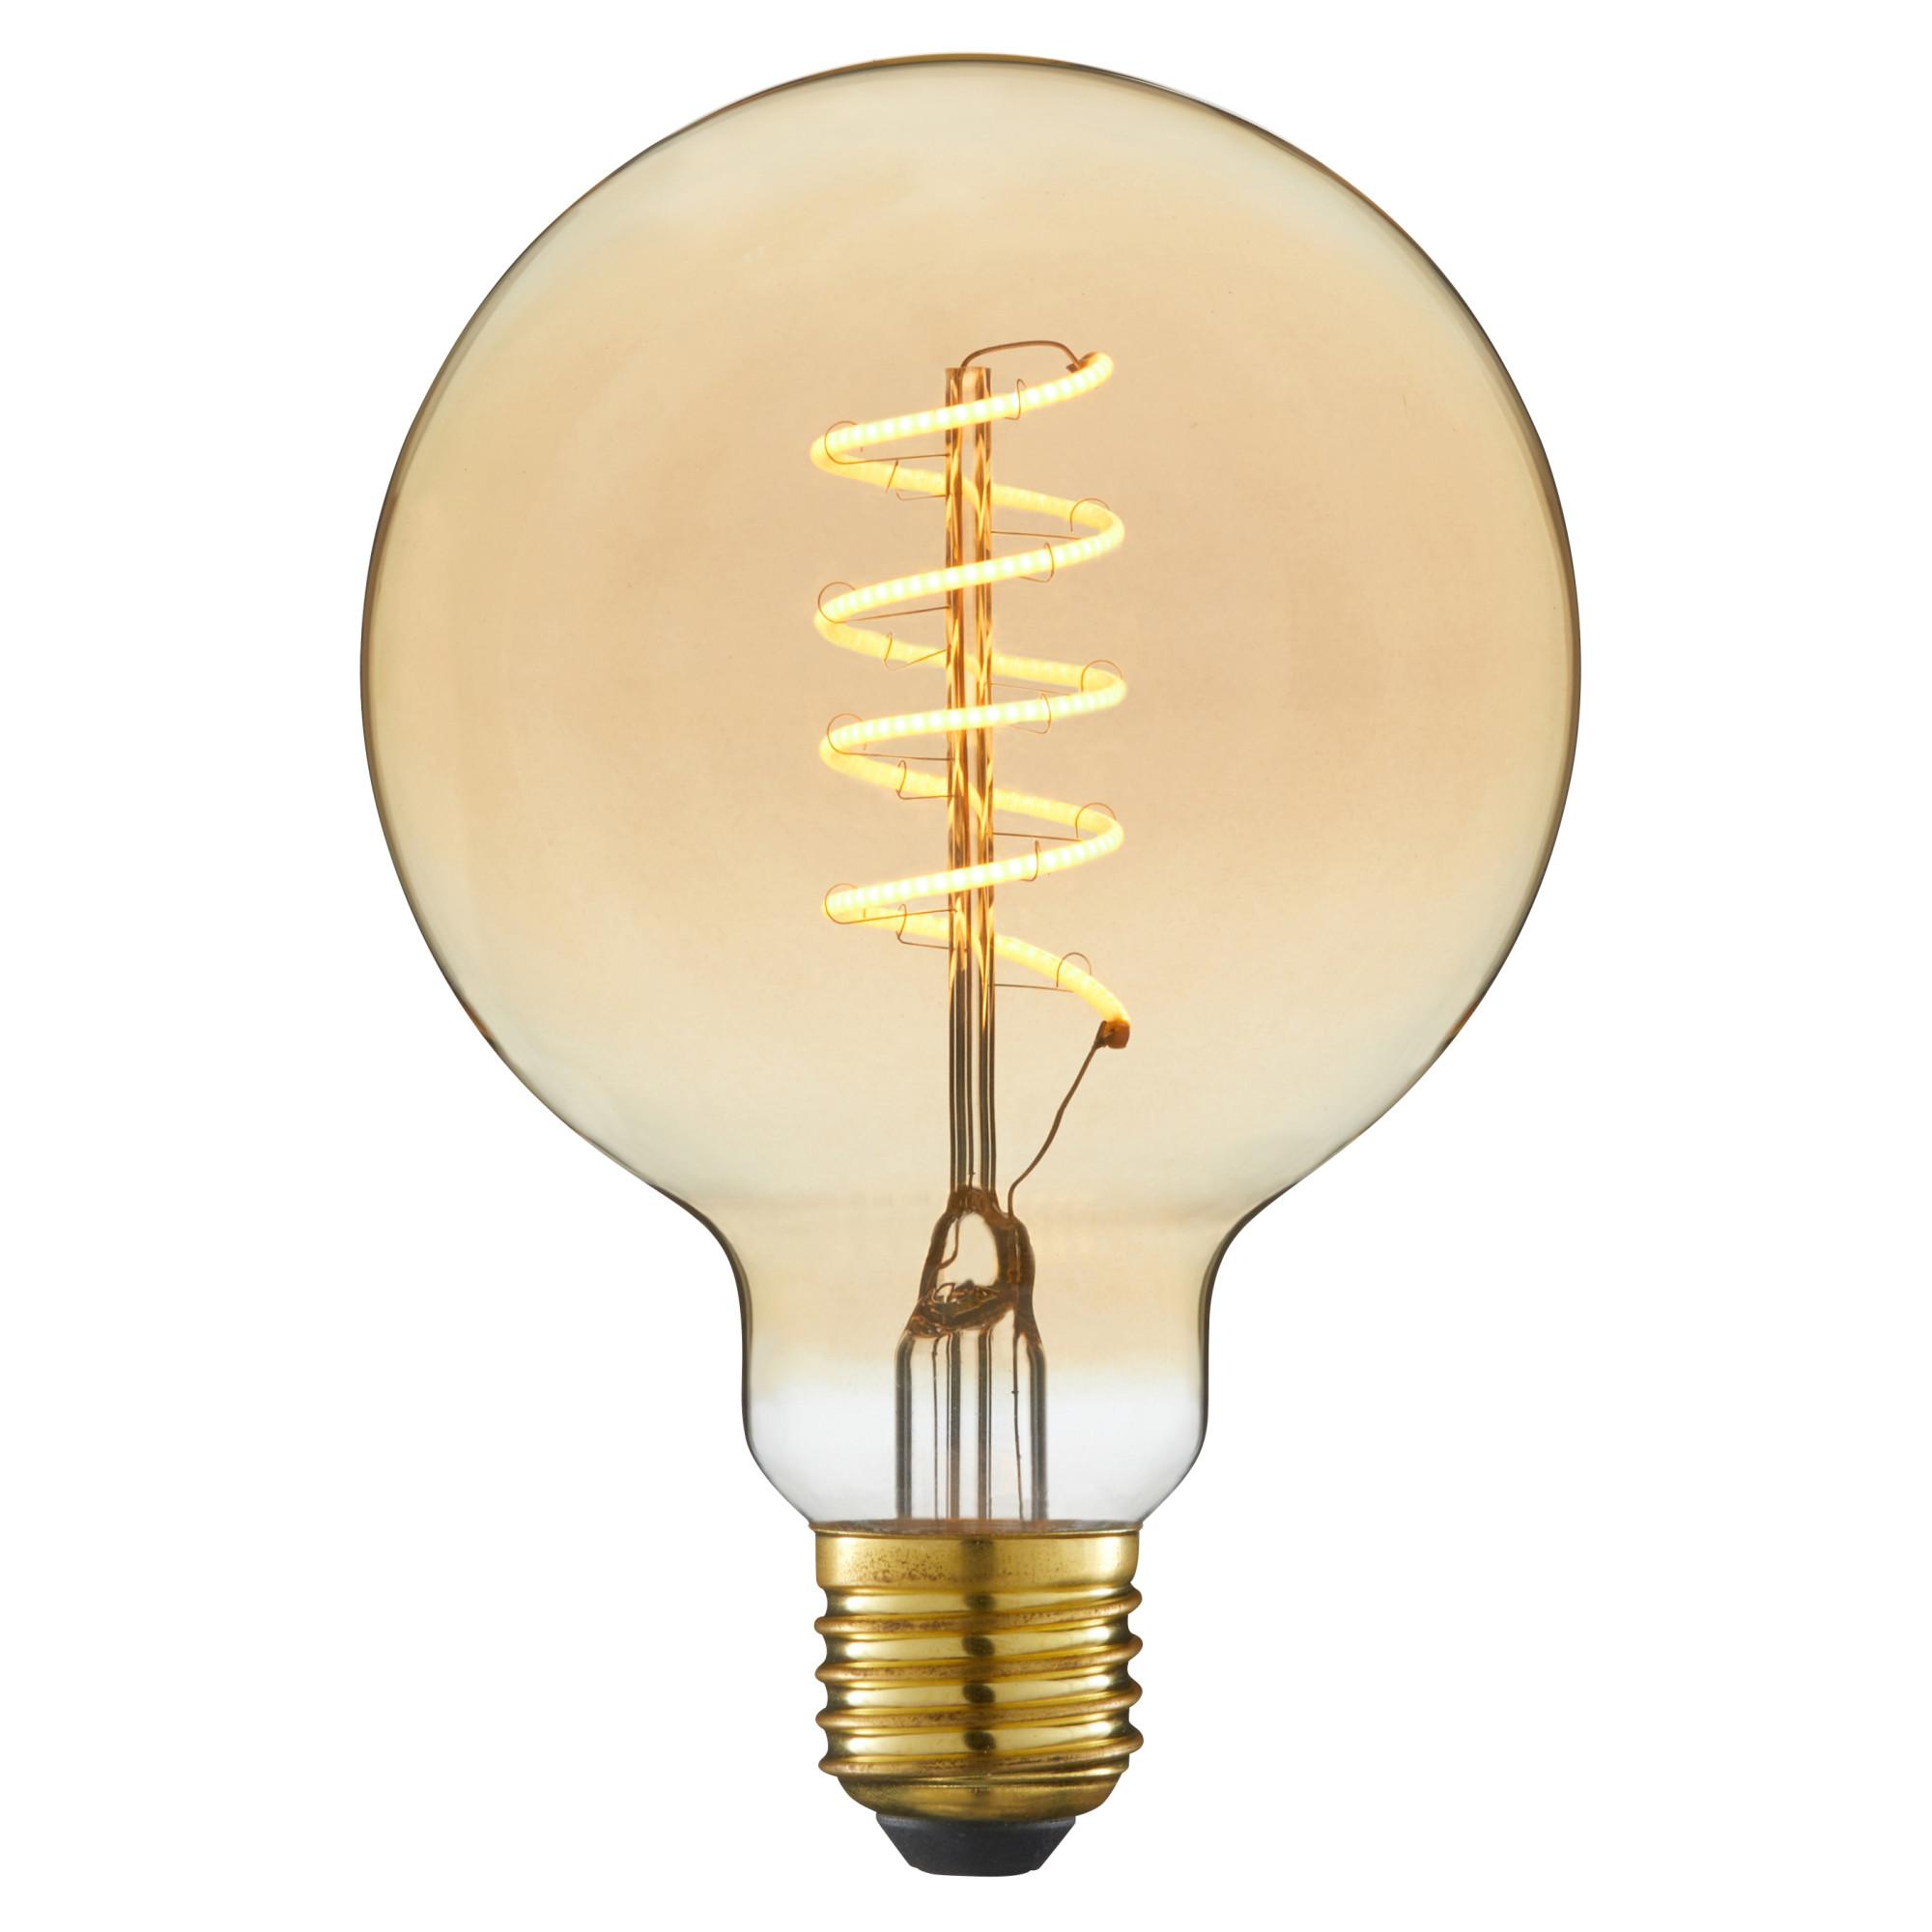 Лампа светодиодная филаментная Lexman E27 220 В 6 Вт шар янтарный 400 лм жёлтый свет